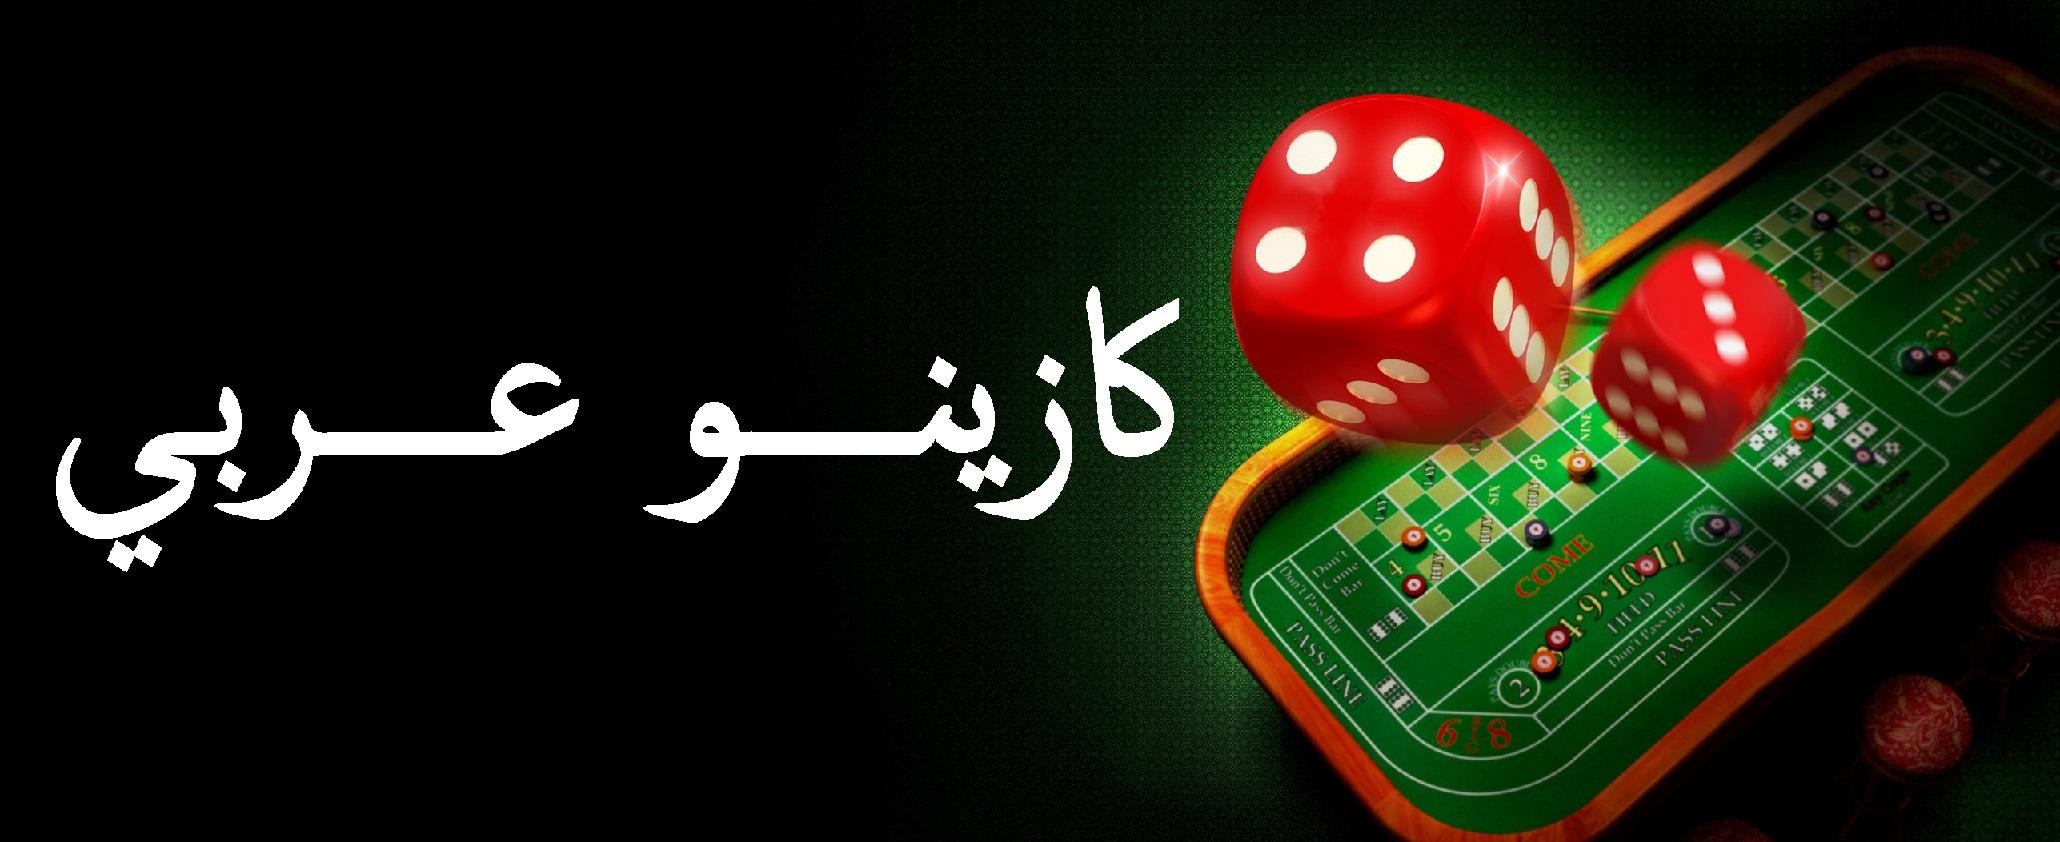 الكازينو في السعوديه - 69268